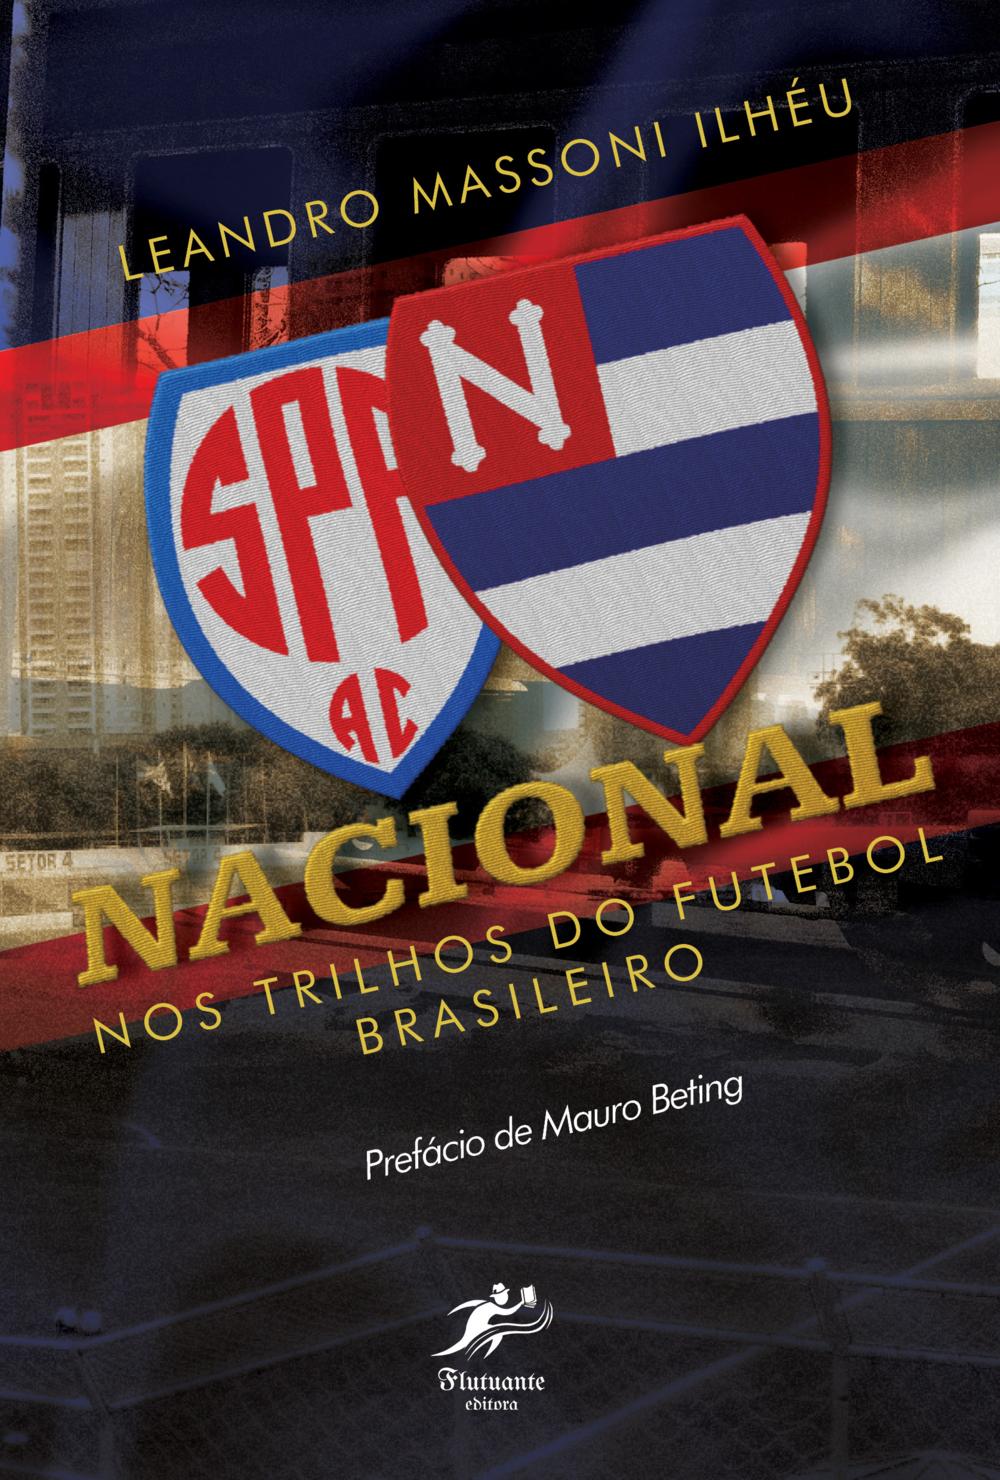 1541773273999_CAPA - Nacional (Frente).png